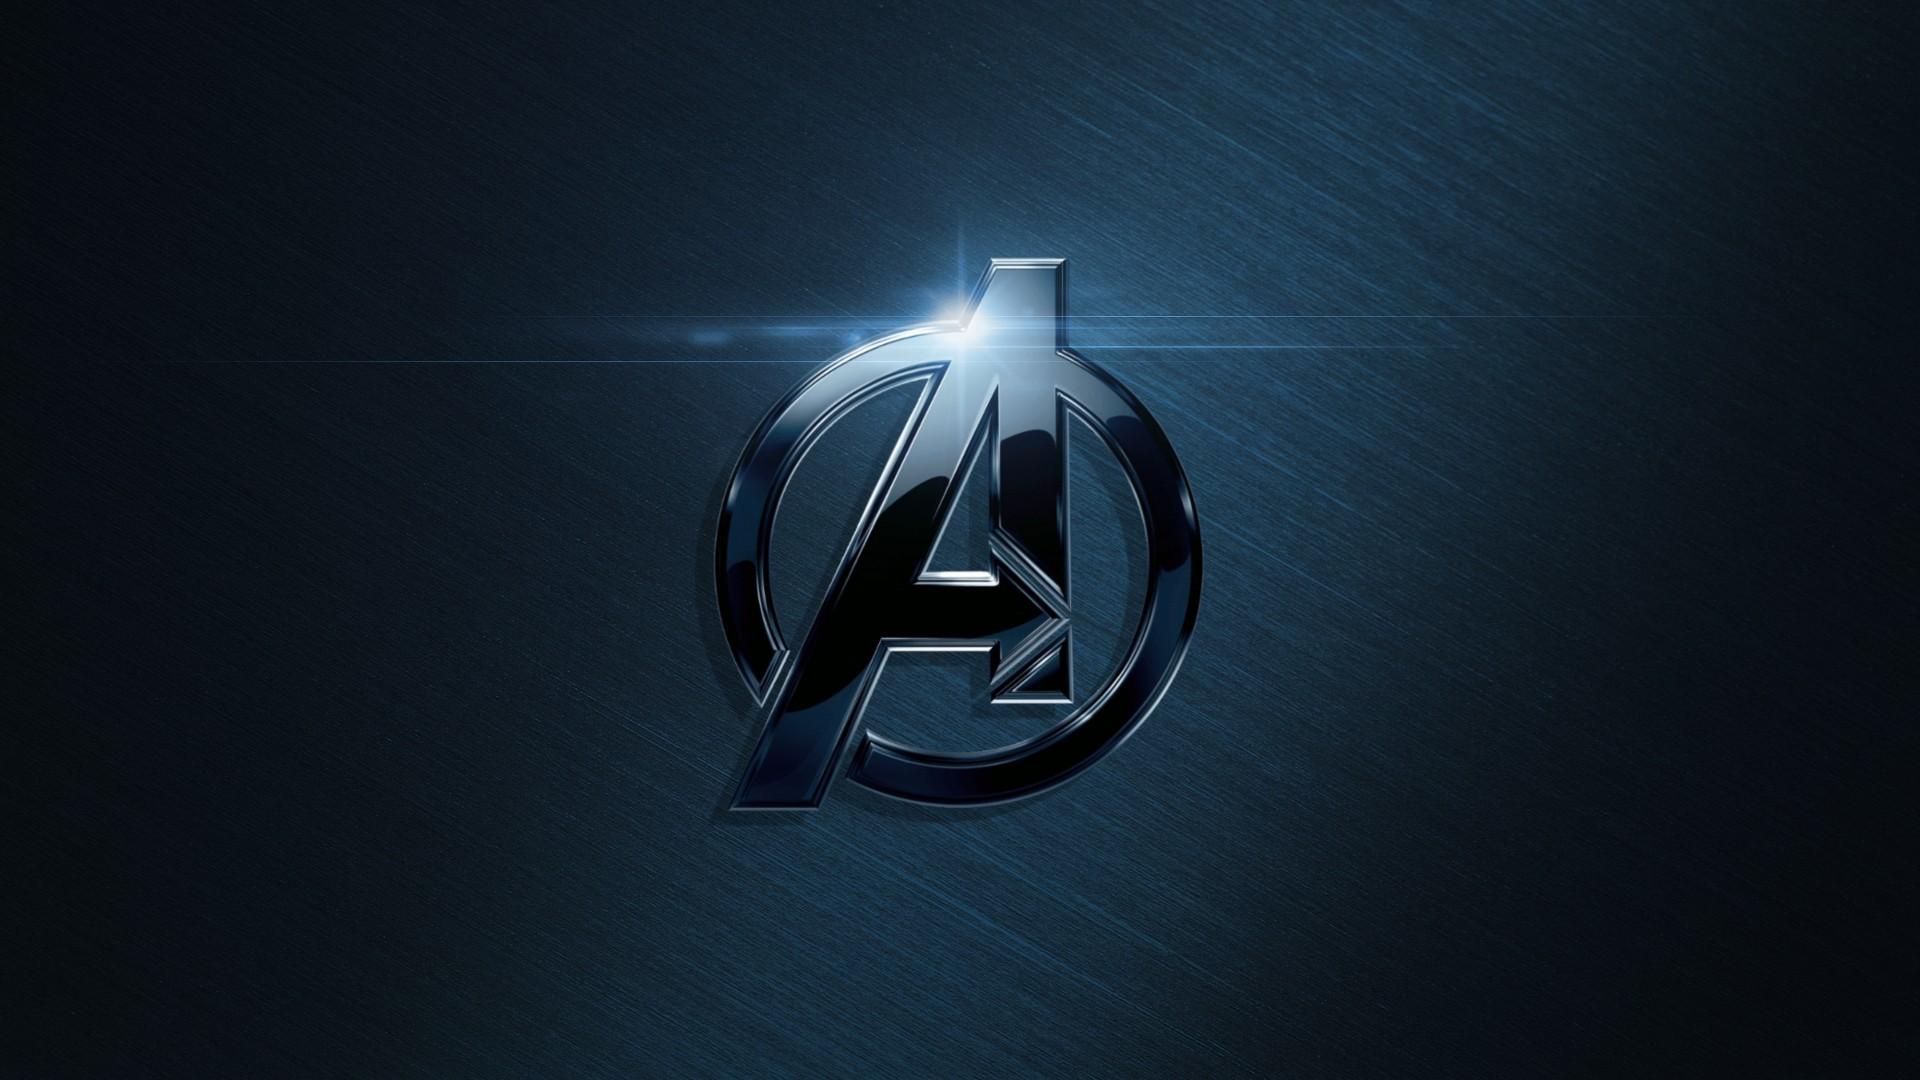 The Avengers Logo Movie Wallpaper